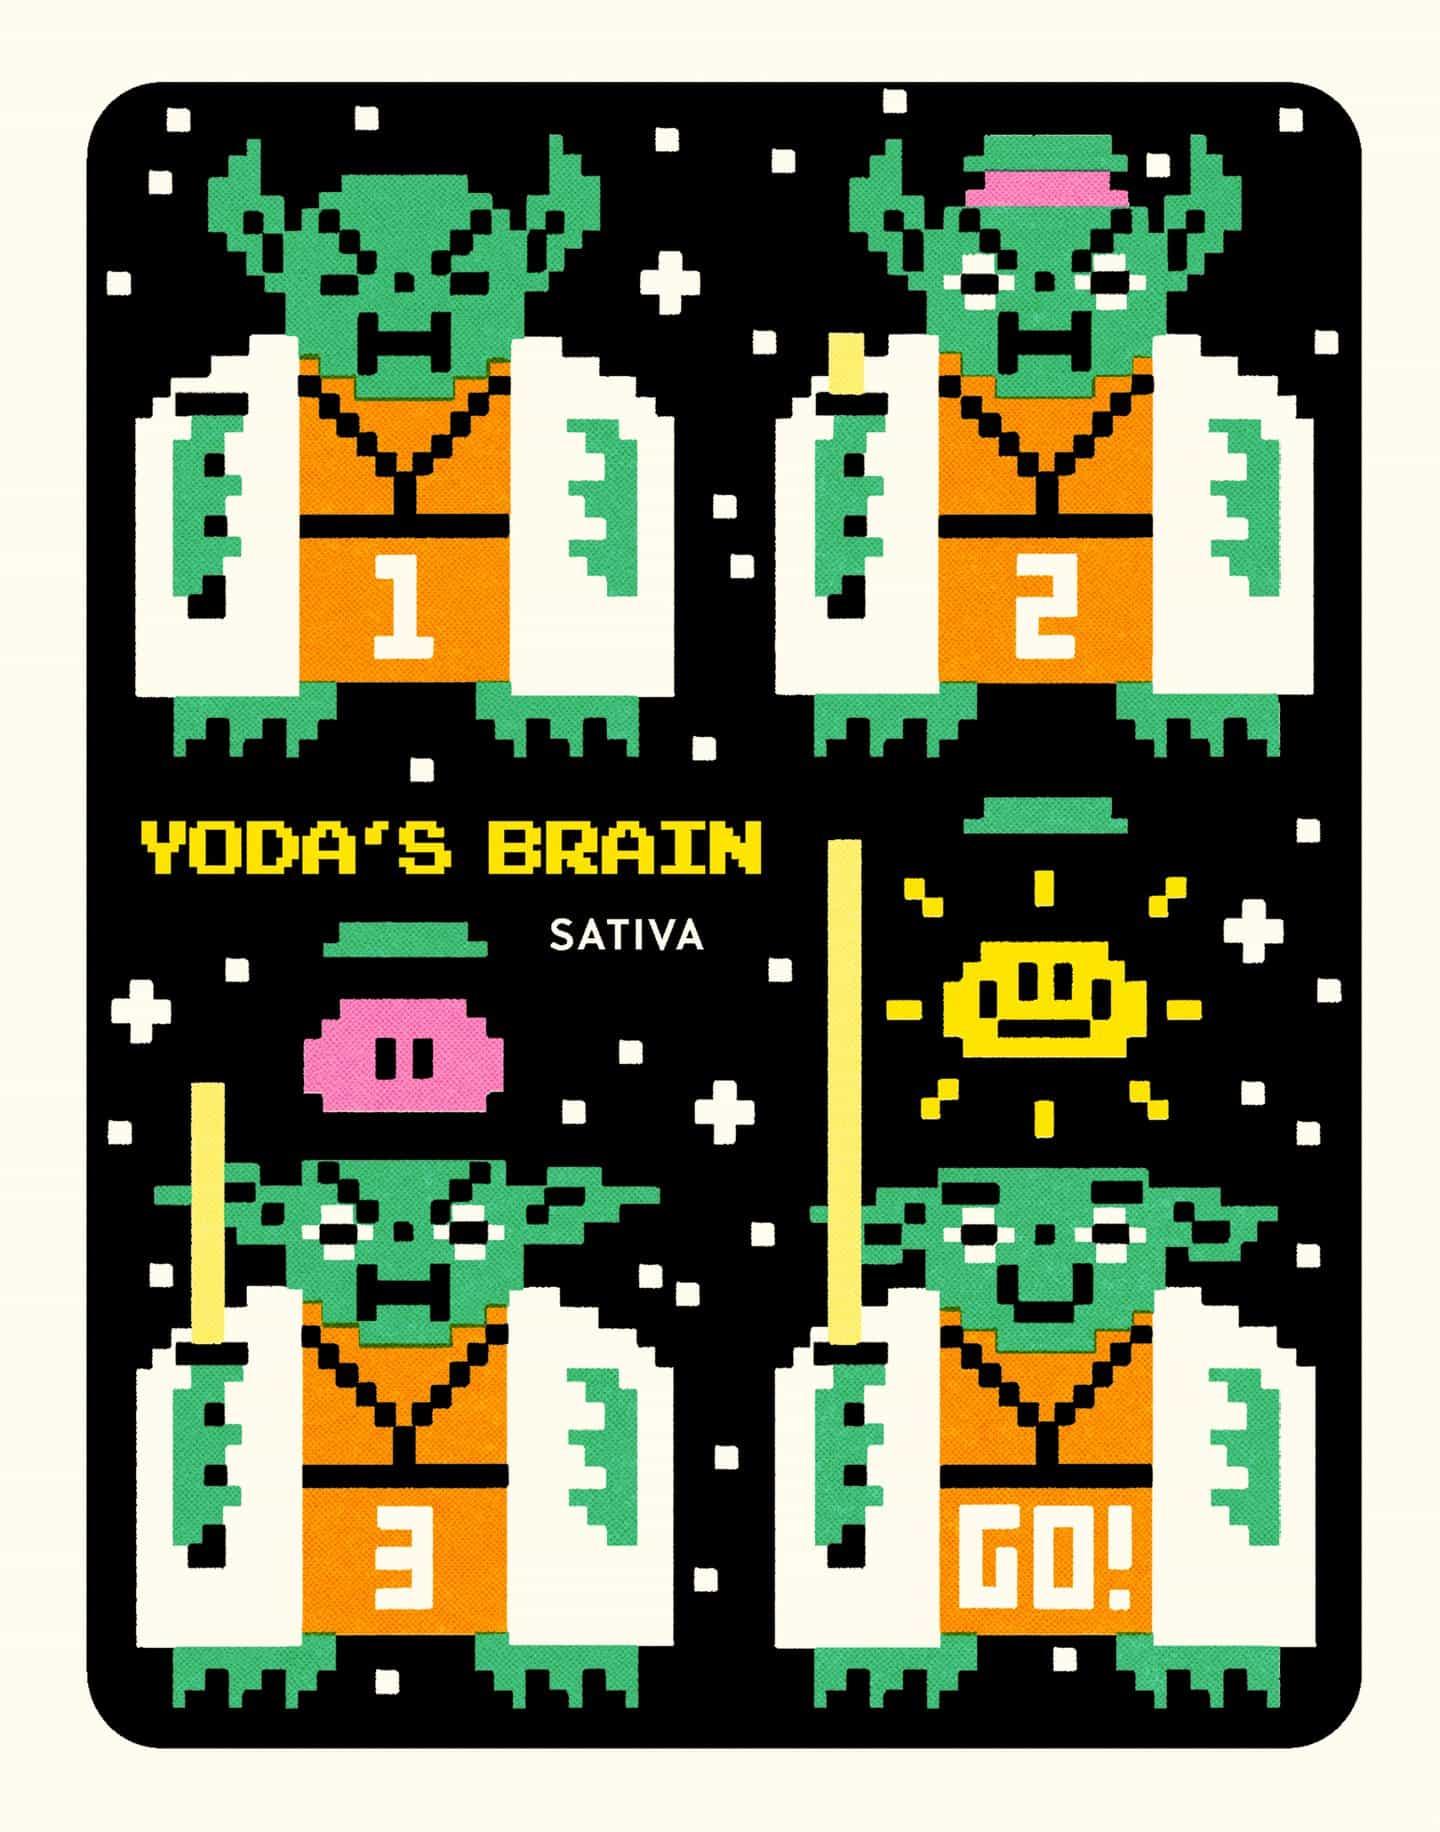 Cerebro de Yoda